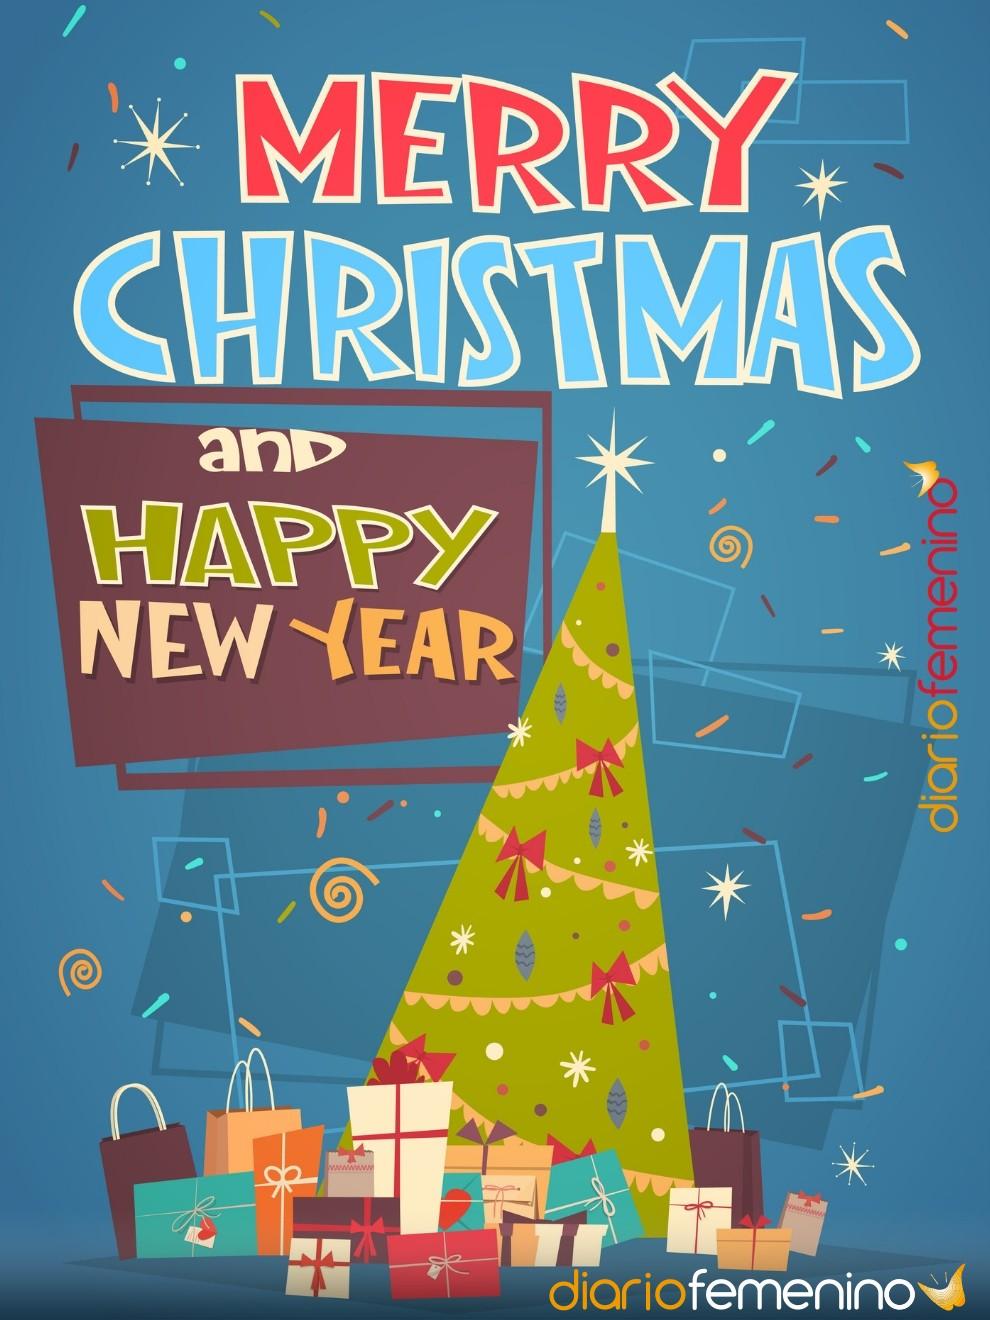 Ver Felicitaciones De Navidad Y Ano Nuevo.Tarjetas De Navidad Y Ano Nuevo 2019 Para Felicitar A Tus